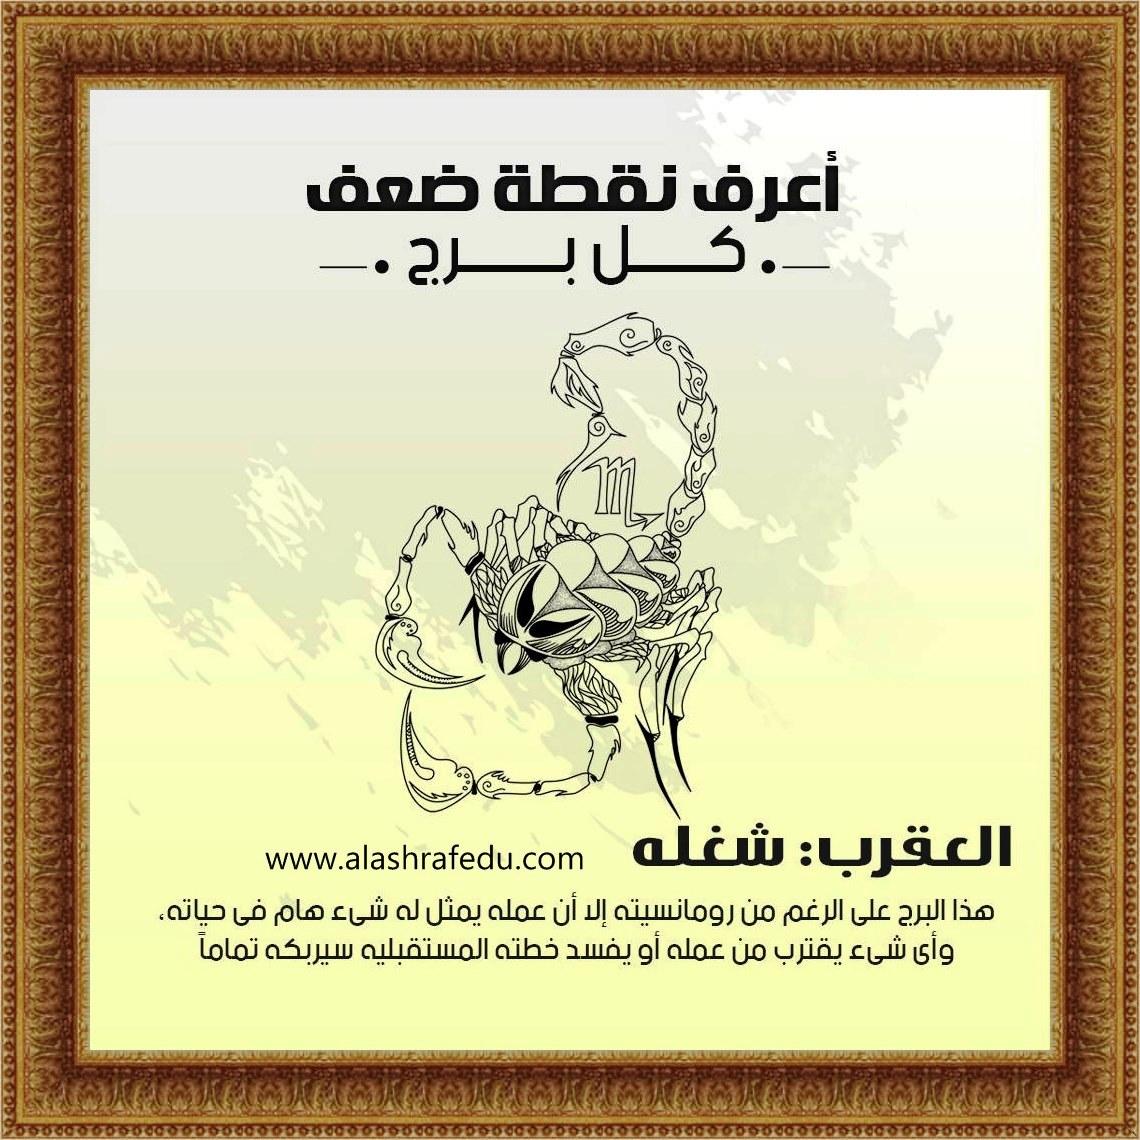 أعرف نقطة 2020 العقرب شغله www.alashrafedu.com1